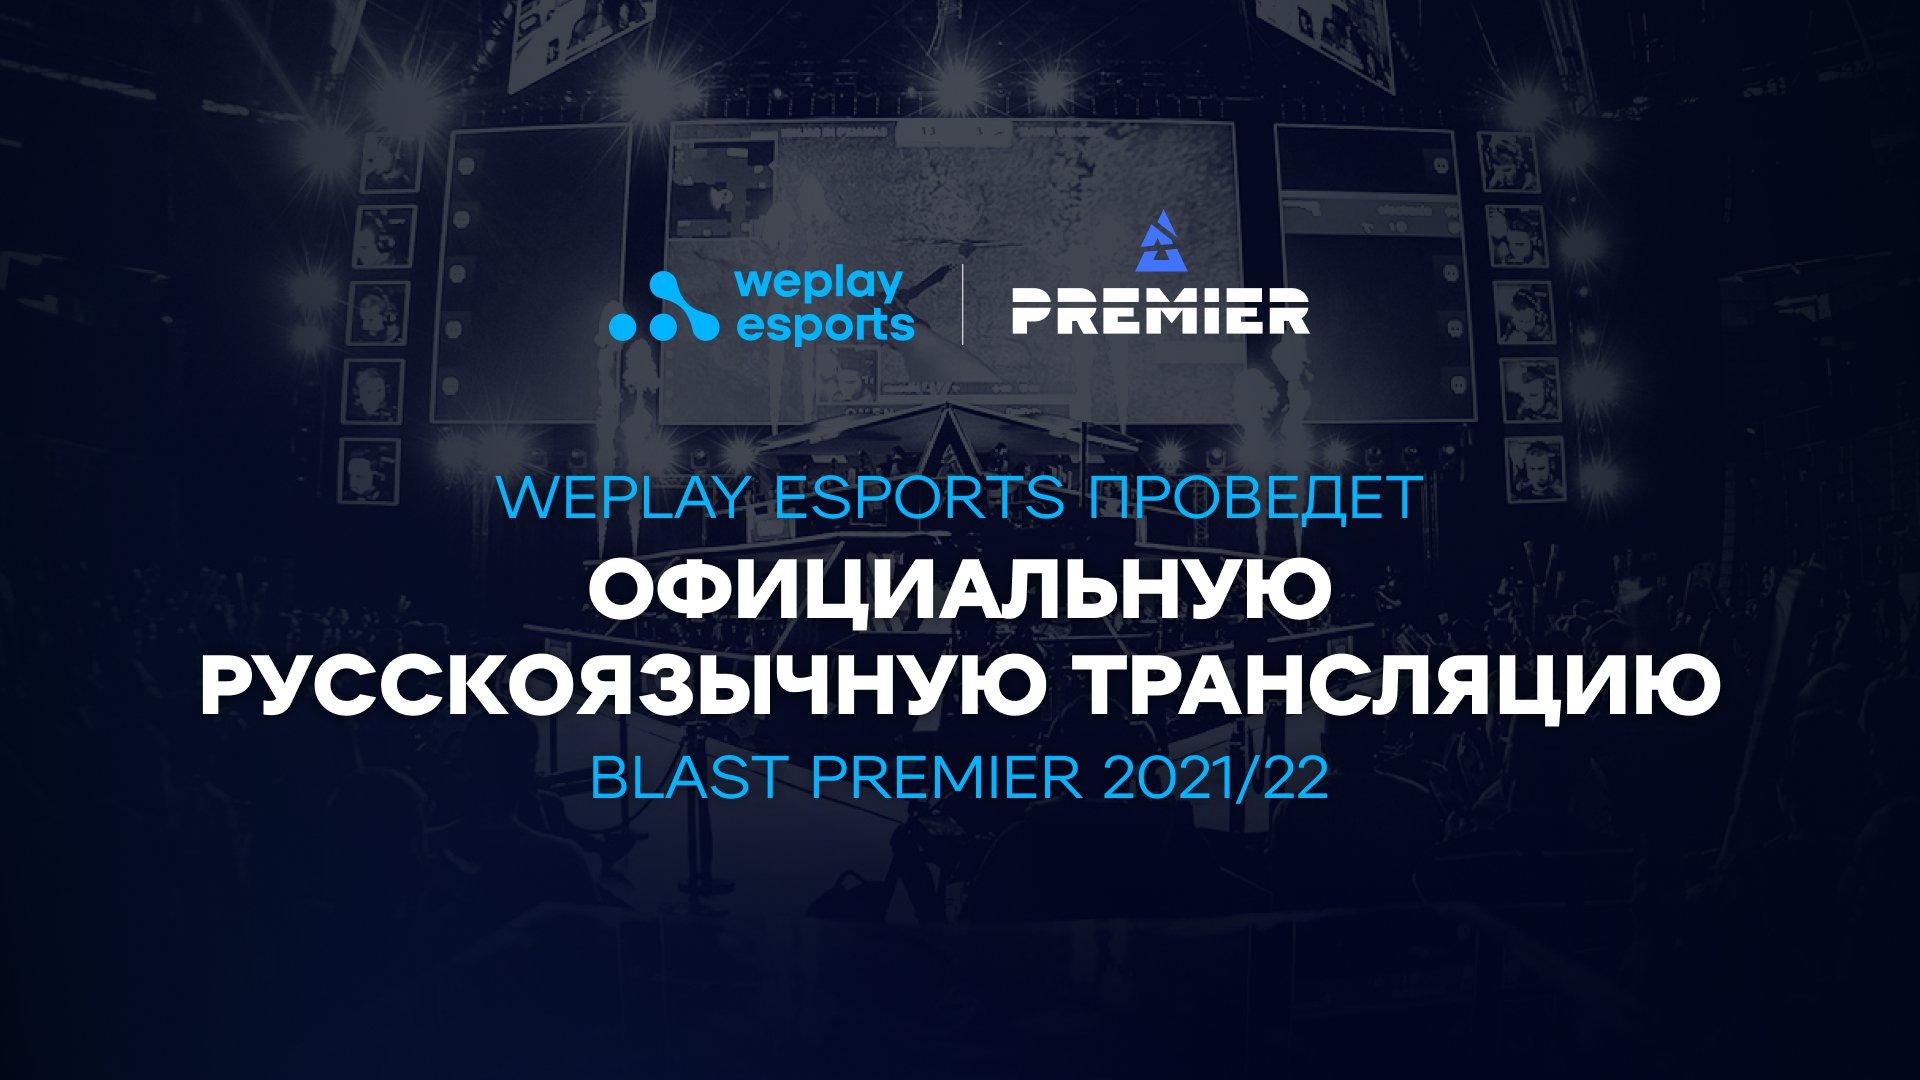 WePlay Esports проведет официальную русскоязычную трансляцию BLAST Premier 2021/22. Изображение: WePlay Holding